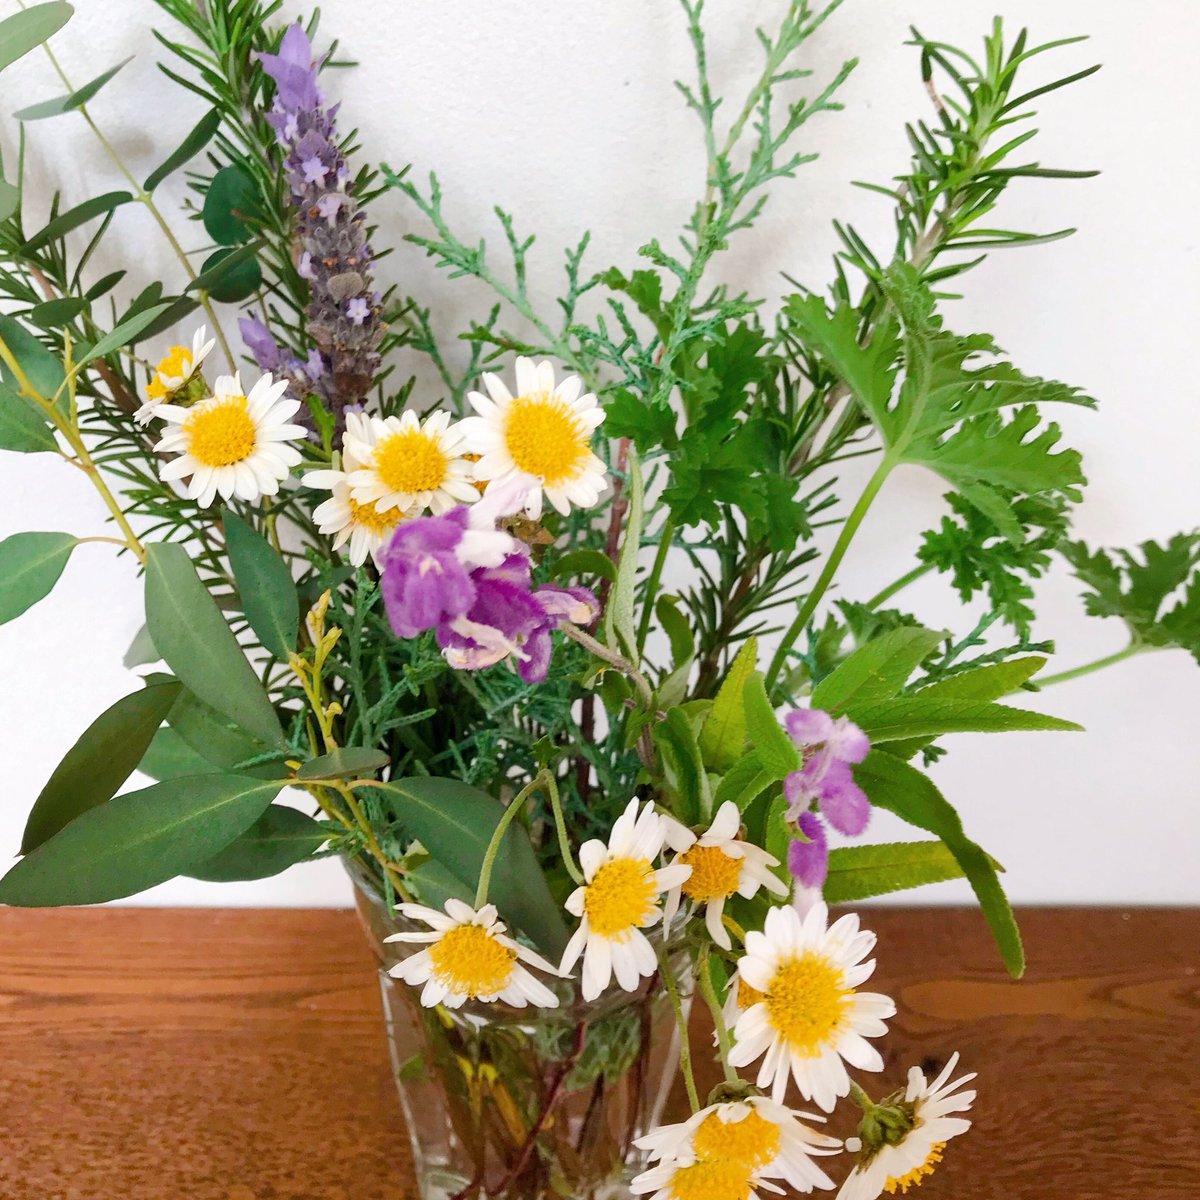 test ツイッターメディア - 道の駅が好きすぎて困る。上野の道の駅で丁稚ようかん爆買い。 平群の道の駅の園芸コーナーの切り花が安くて買いすぎる。良い香りで幸せ。産直の野菜なんかもドシドシ買ってしまう。危険スポット道の駅。 https://t.co/neIWYzH7Su